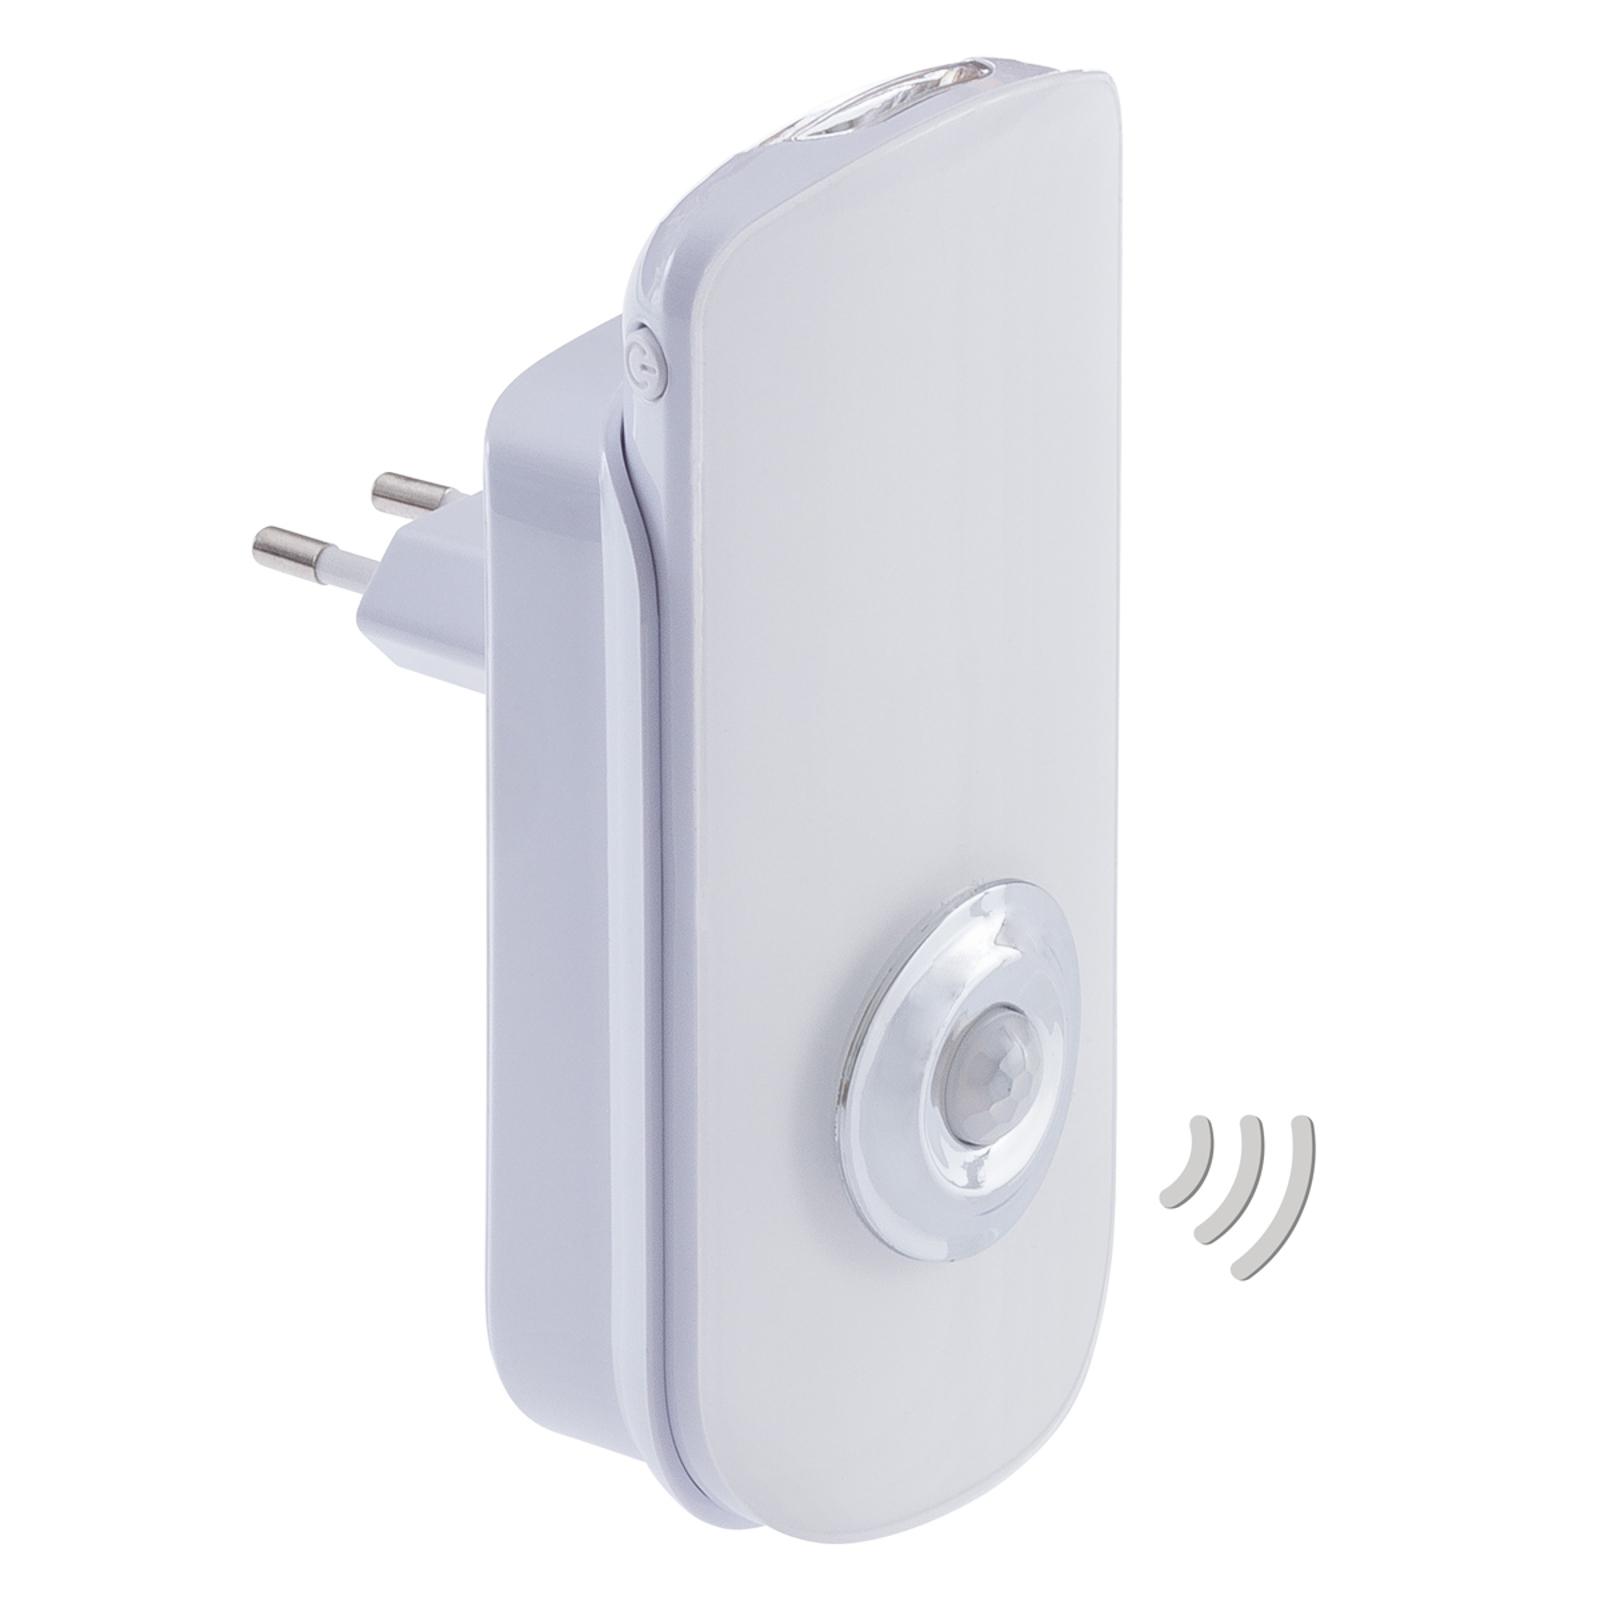 Nox – sekä LED-yövalo että taskulamppu